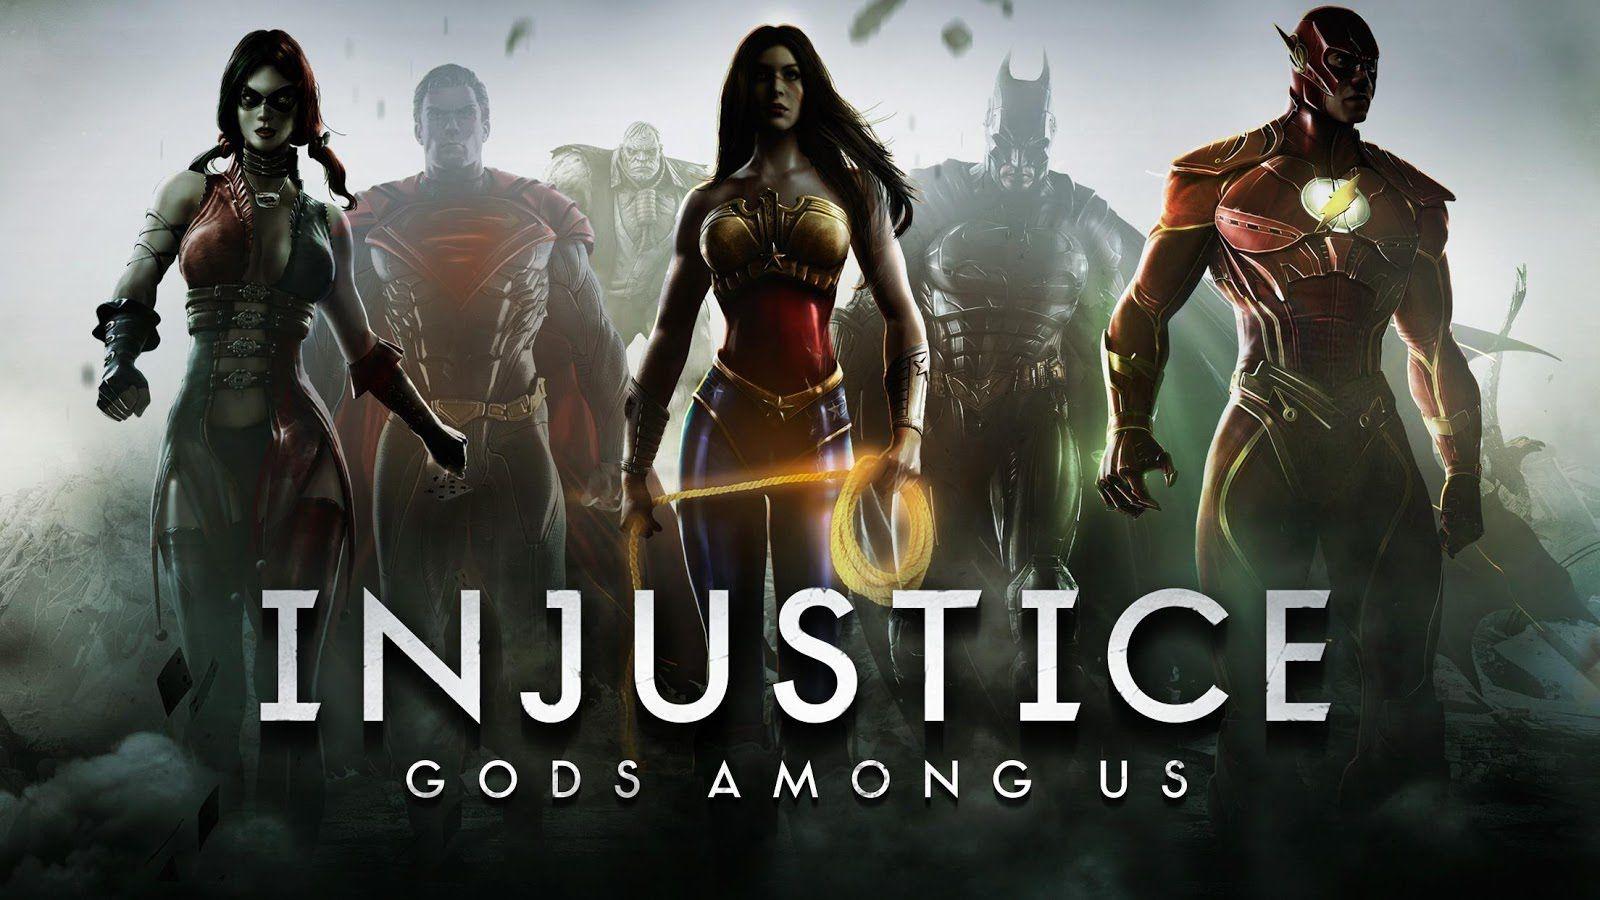 Injustice Gods Among Us O Filme Dublado Filme Dublado Filmes E